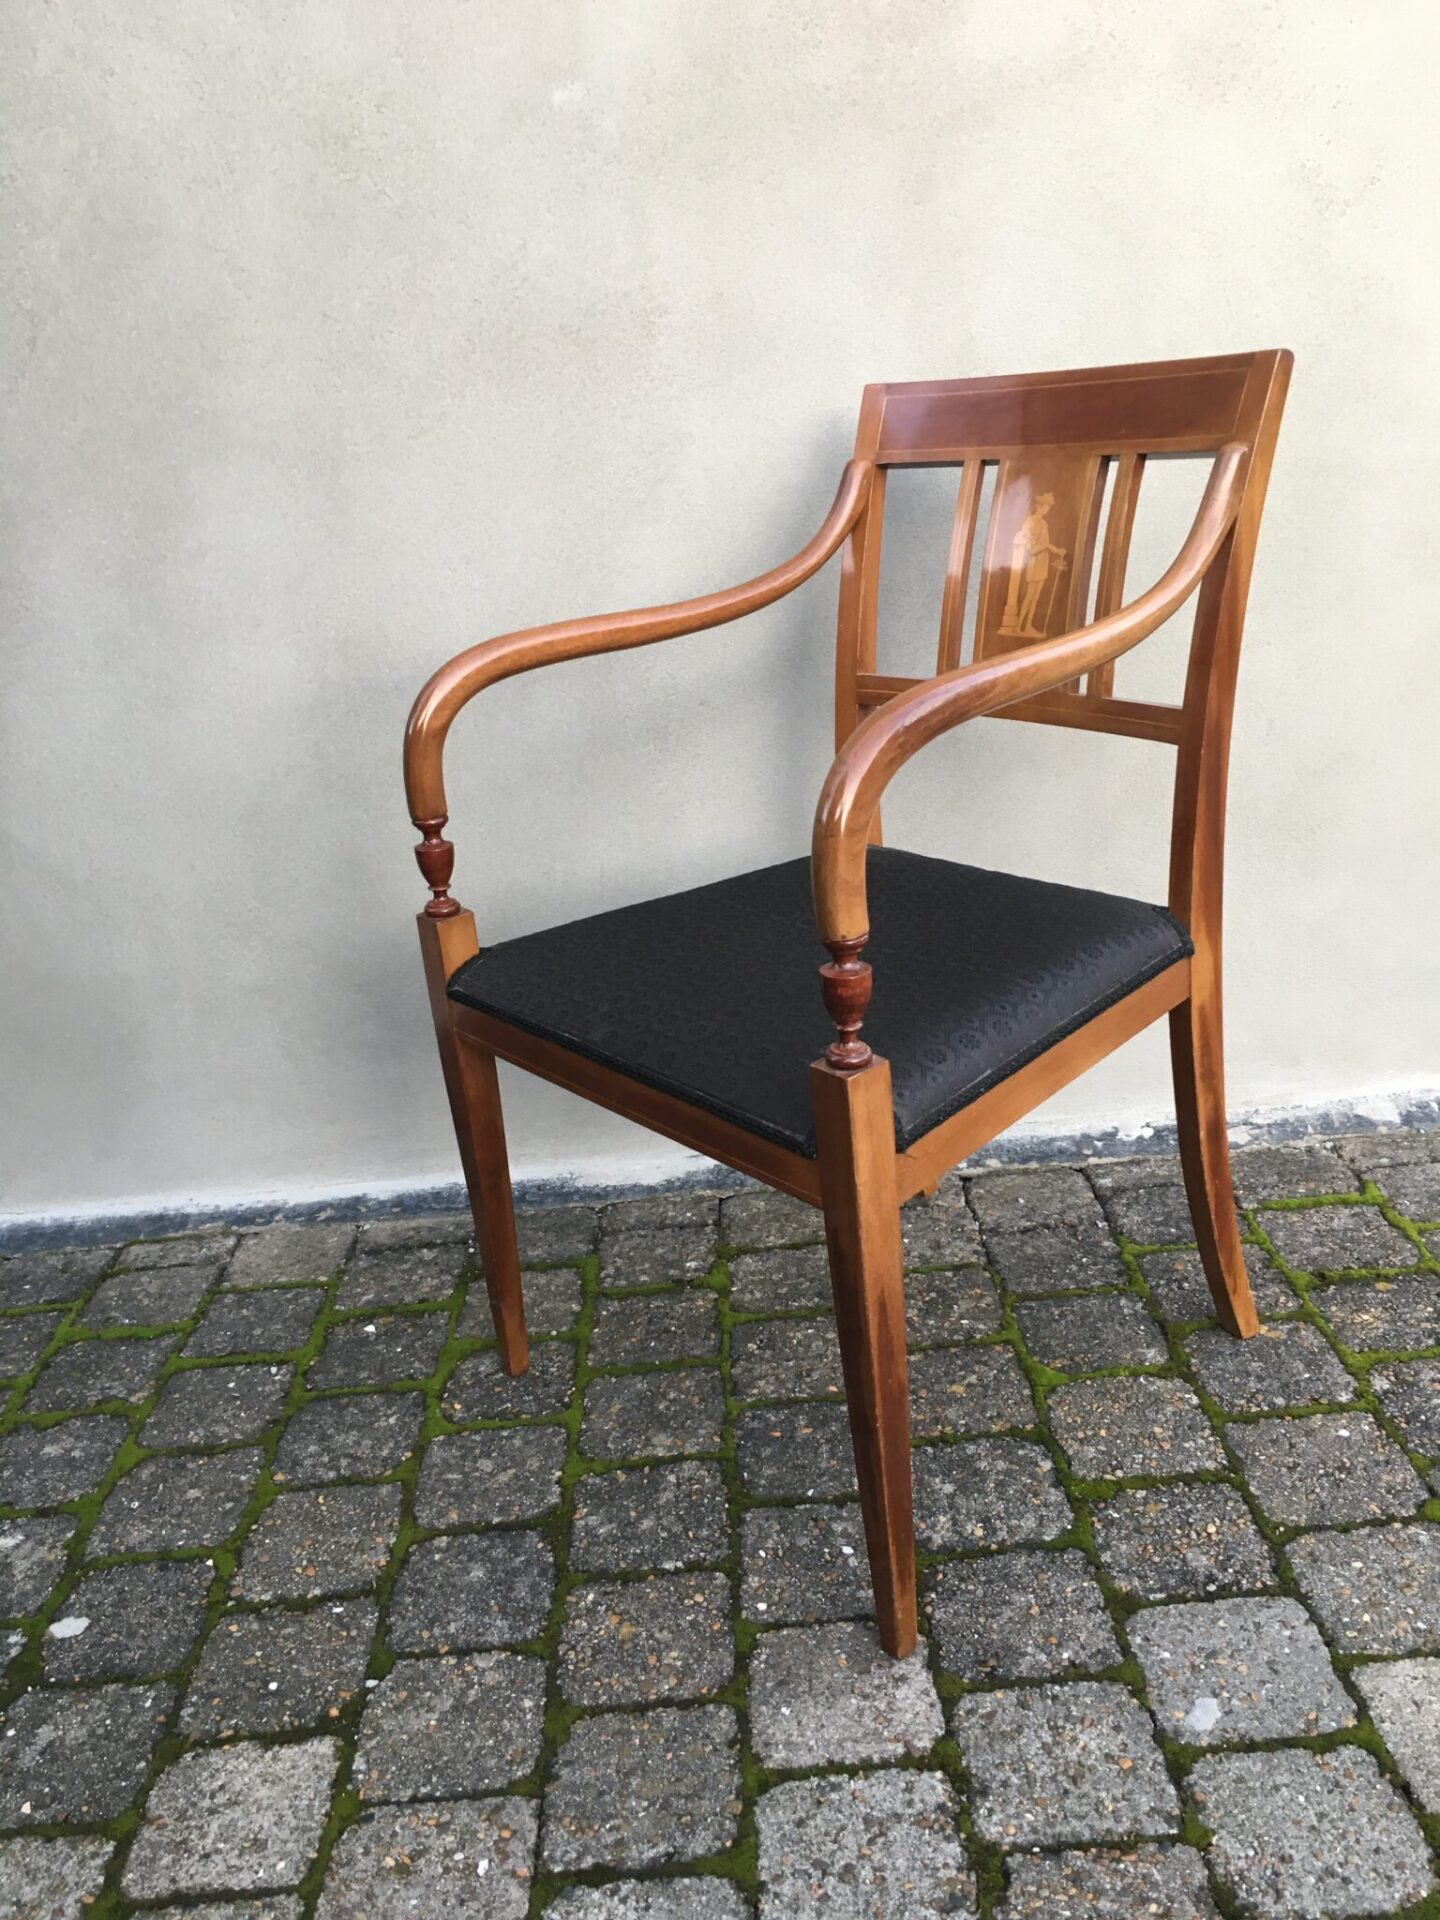 Meget velholdt empire armstol fra ca. 1920, Mahogni,sæde betrukket med Hestehårsdækken, pris 1500